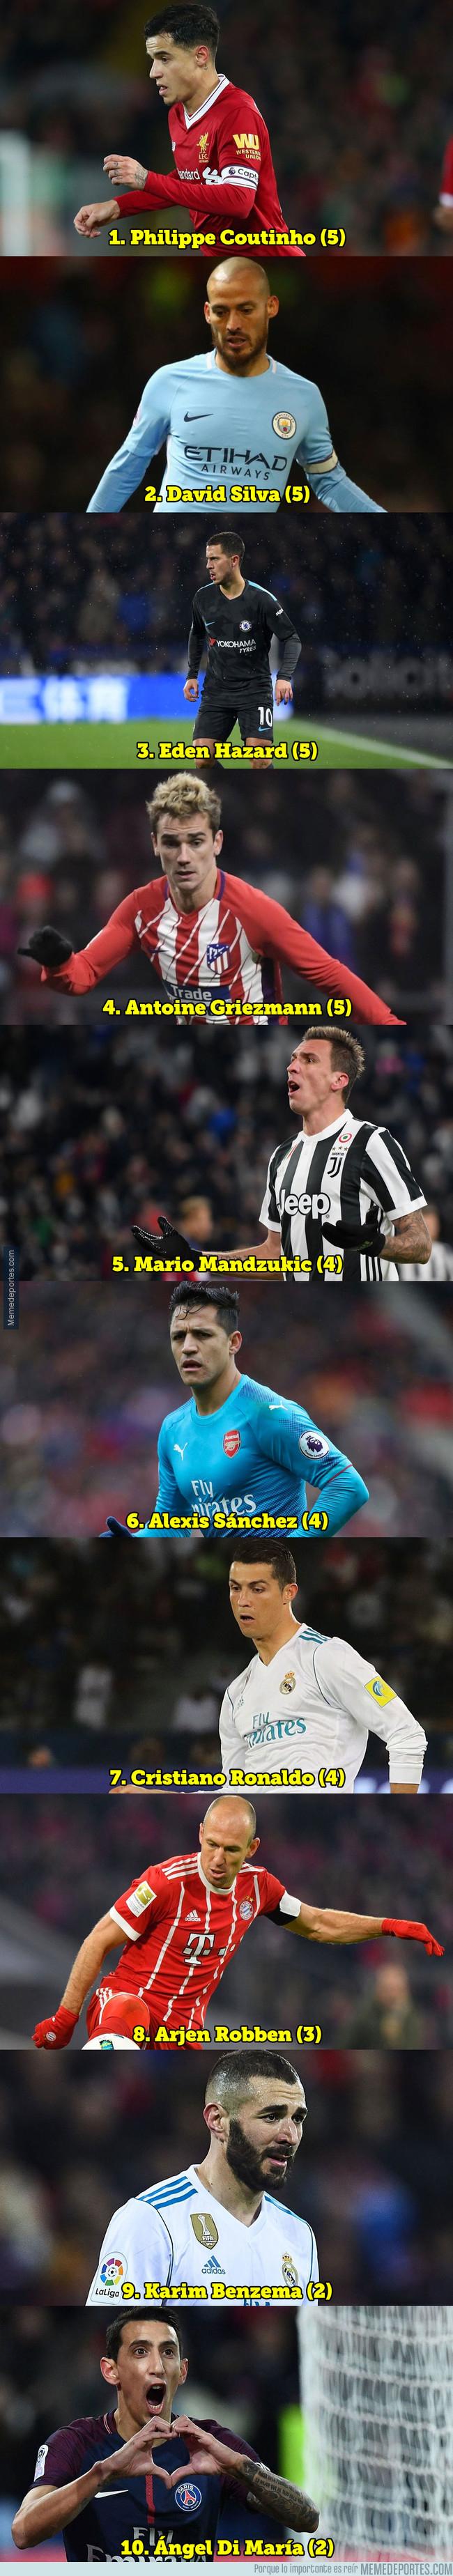 1012982 - 10 futbolistas 'top' con menos goles que Paulinho en liga